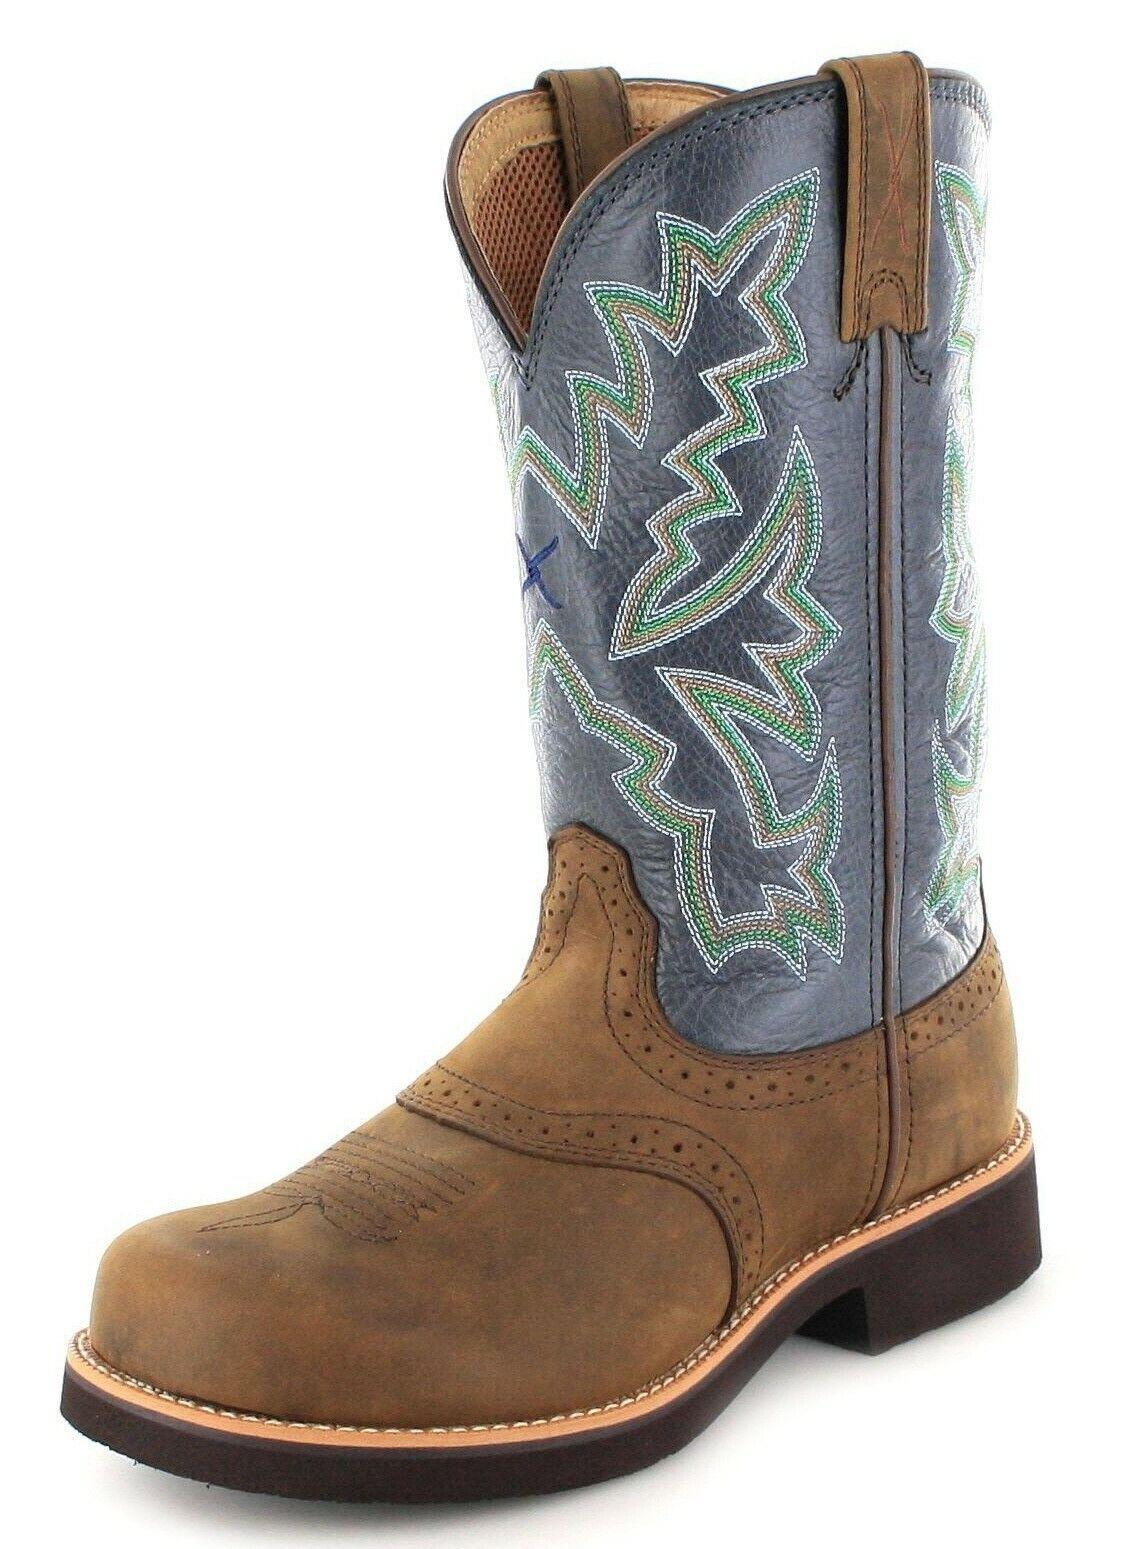 Twisted X bottes 1717 Barn Burner Saddle bleu Western Riding bottes femmes marron